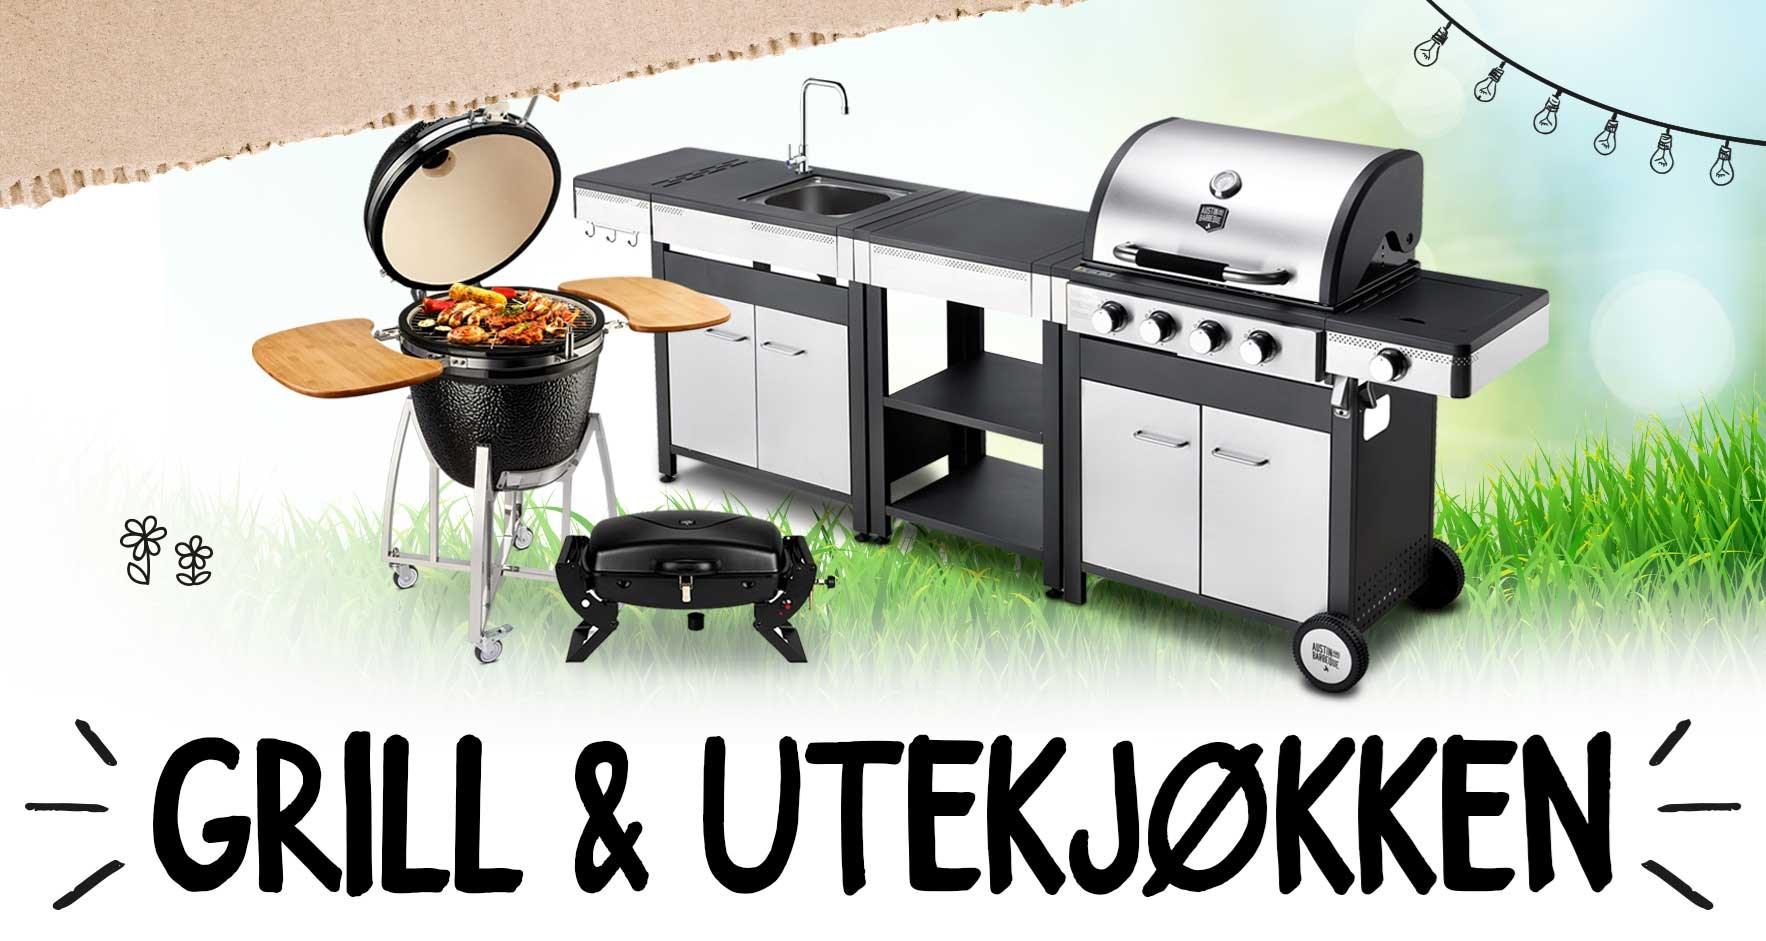 Grill & Utekjøkken